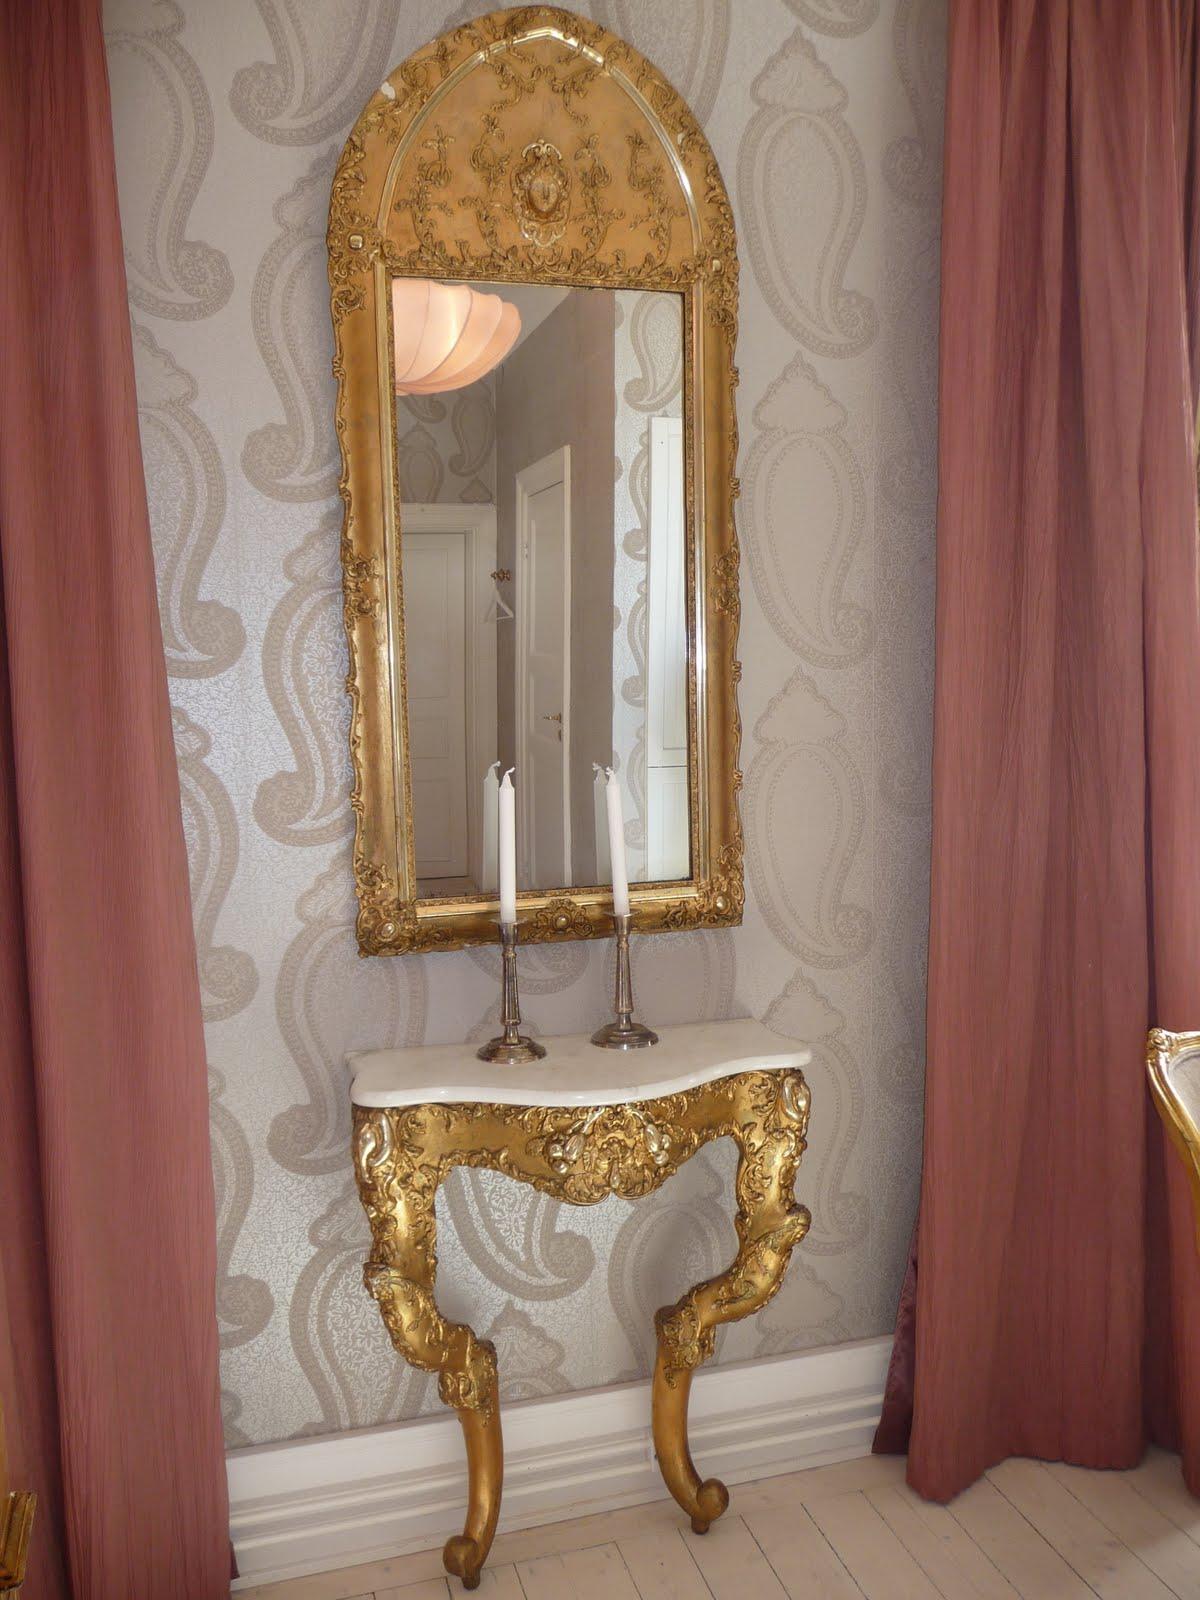 Njutbara ting: Älskade guldspegel